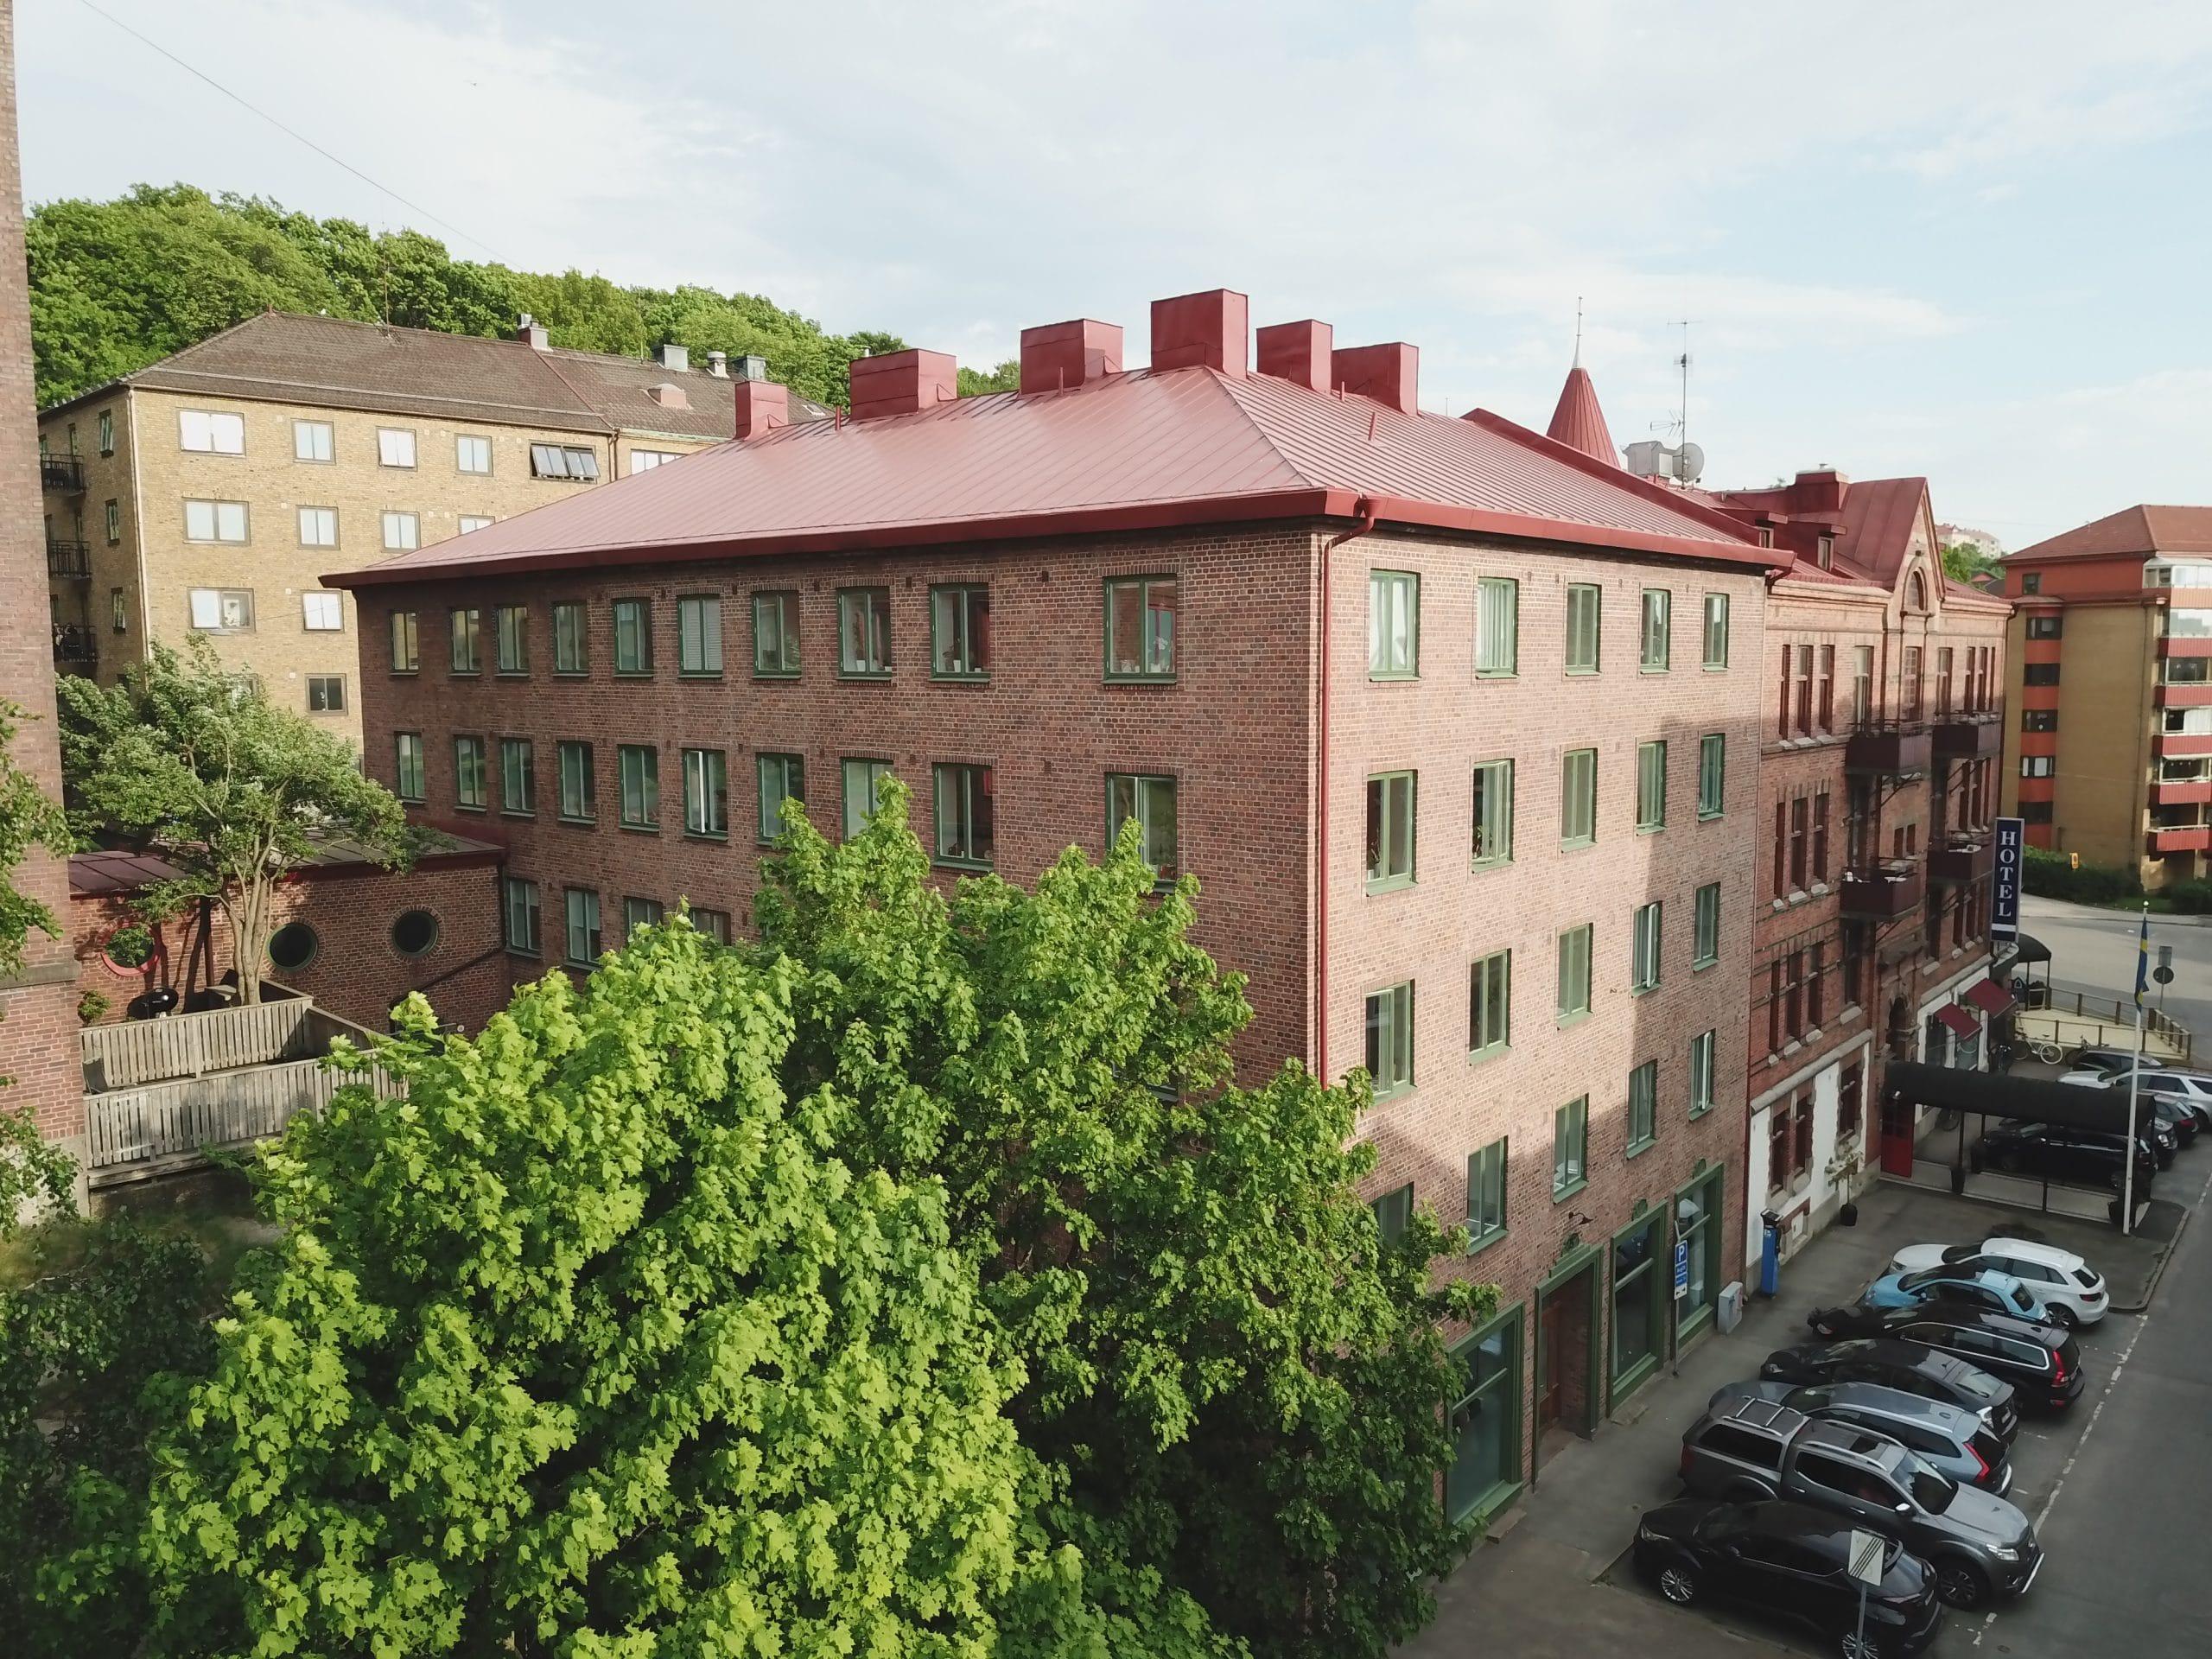 lägenhetshus i brunt tegel med gröna fönster.